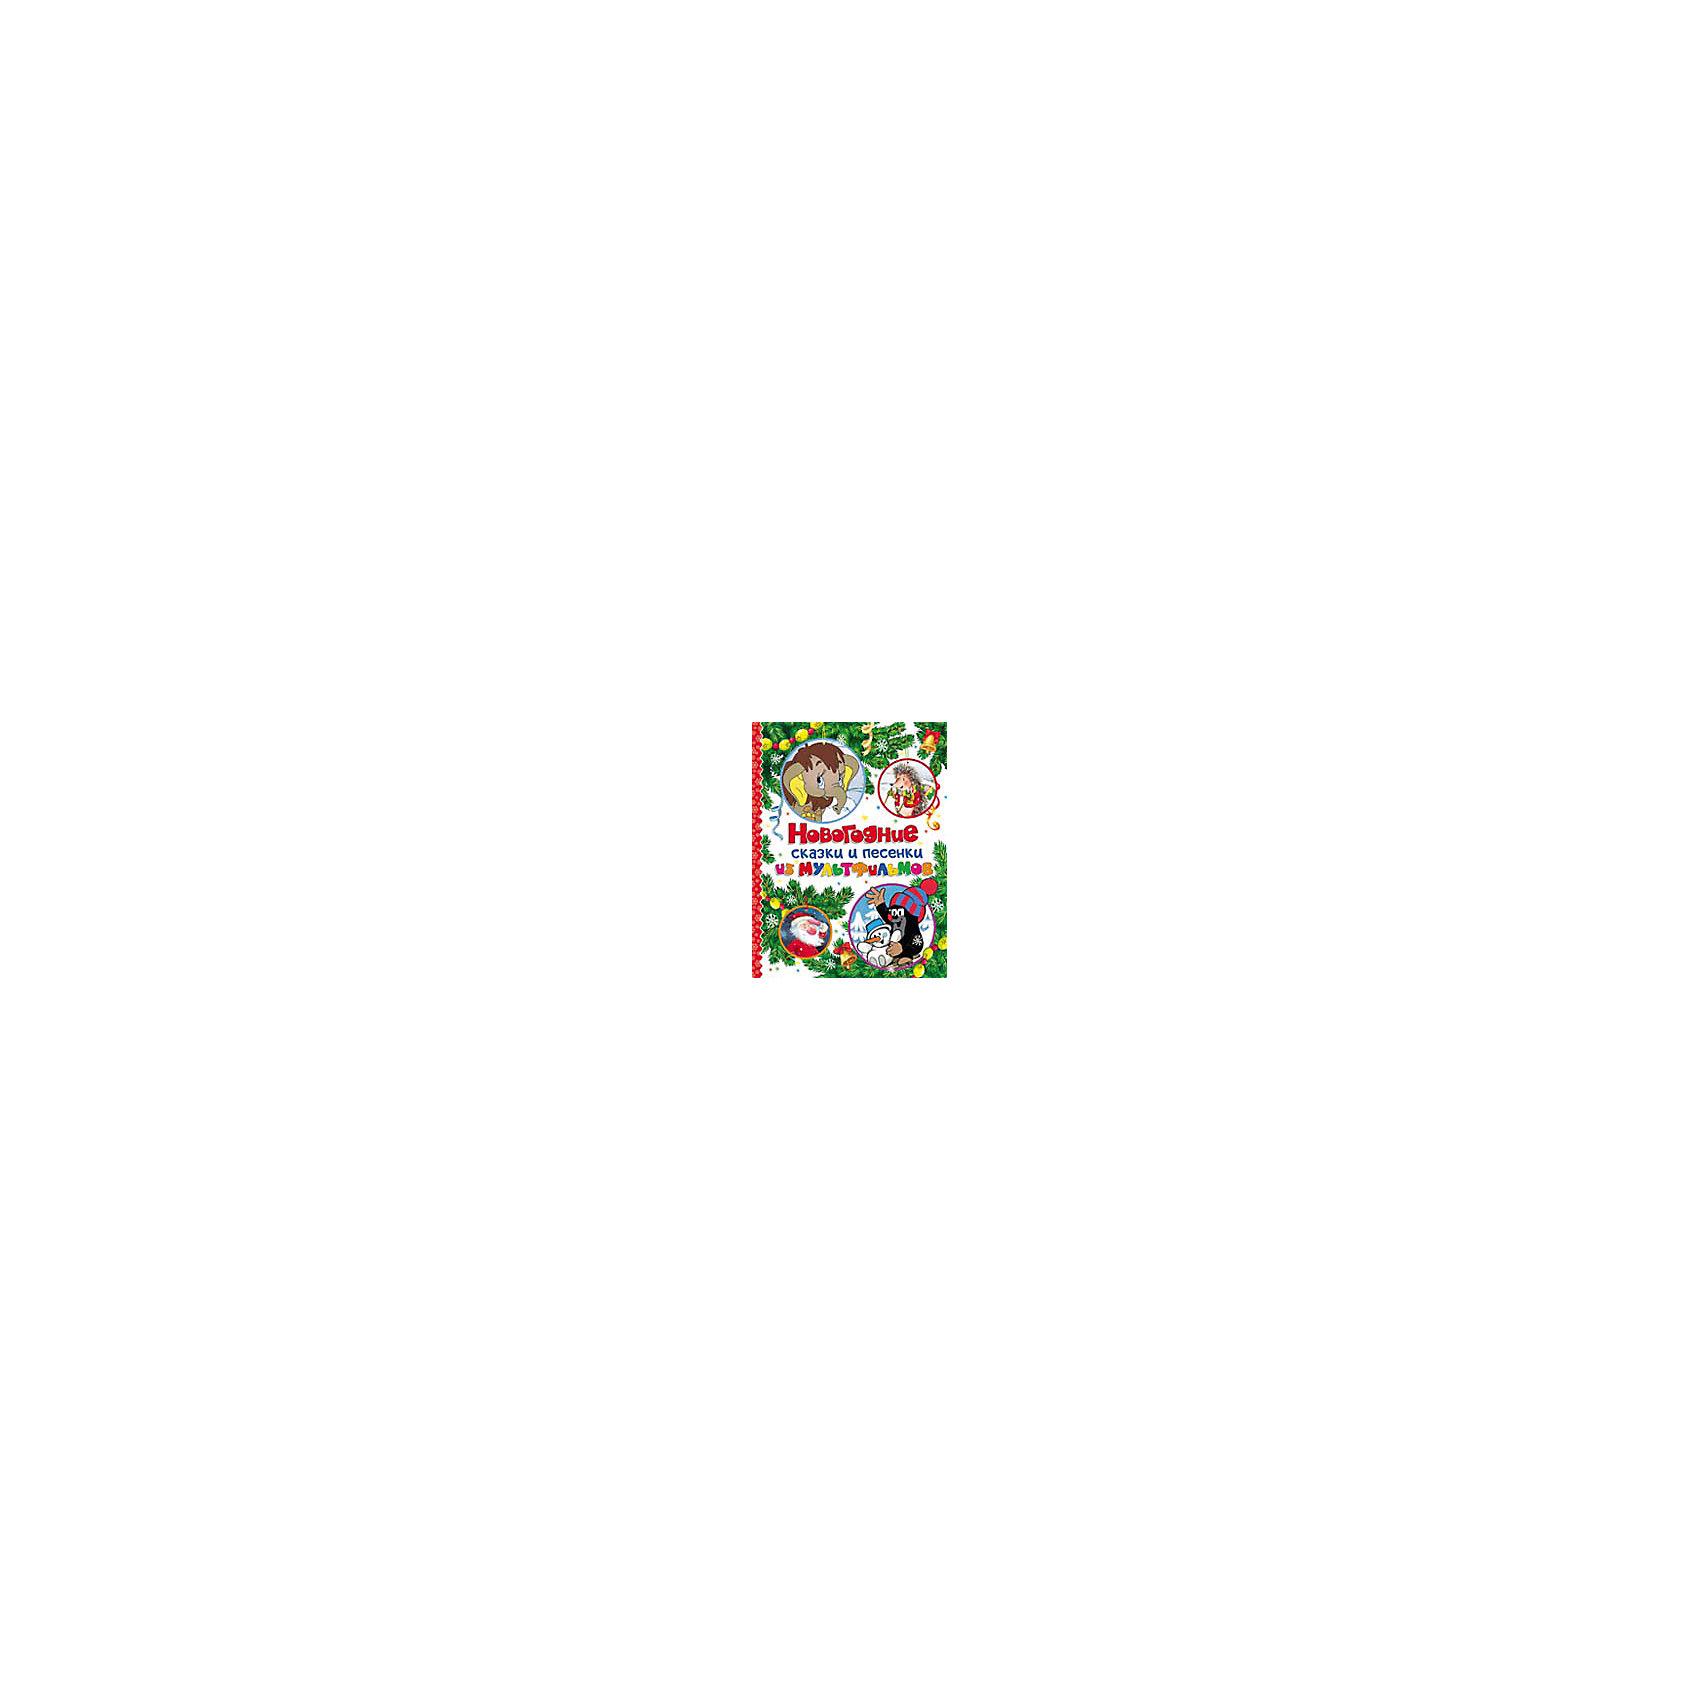 Новогодние сказки и песенки из мультфильмовВ сборнике Новогодние сказки и песенки из мультфильмов читателей ждут любимые герои новогодних мультиков! Вместе с ними ребята споют знаменитые песенки: «Кабы не было зимы», «Расскажи, Снегурочка…», «В лесу родилась ёлочка» и многие другие. А ещё заглянут в гости к Ёжику и Медвежонку, отправятся в путешествие по снежной Лапландии вместе с отважным мальчишкой Сампо и помогут самому знаменитому в мире Кротику подготовиться к Рождеству: нарядить ёлку, упаковать подарки и встретить весёлых гостей. Эта книга — самый лучший подарок на Новый год!<br><br>Ширина мм: 263<br>Глубина мм: 203<br>Высота мм: 11<br>Вес г: 490<br>Возраст от месяцев: 36<br>Возраст до месяцев: 60<br>Пол: Унисекс<br>Возраст: Детский<br>SKU: 5016326